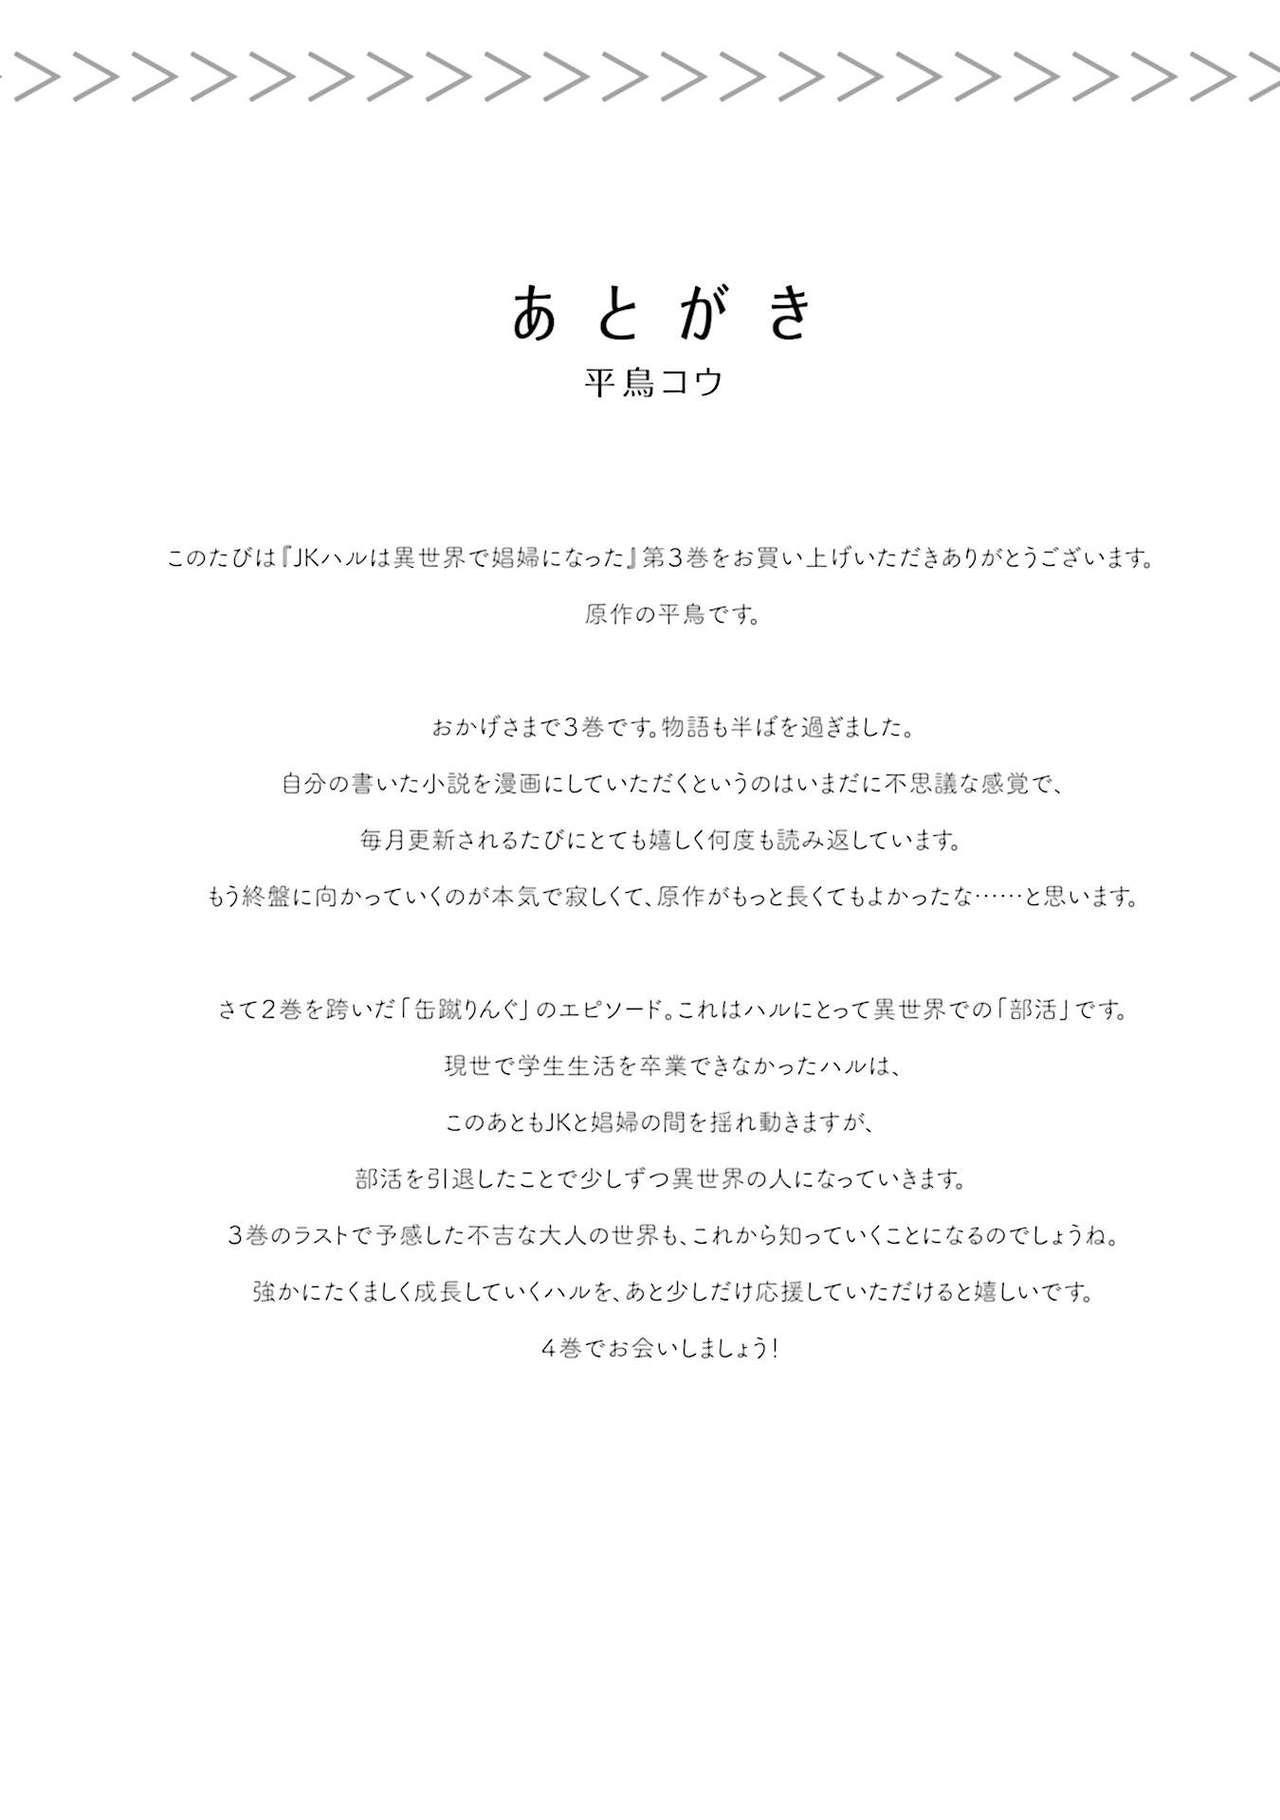 JK Haru wa Isekai de Shoufu ni Natta 1-14 531